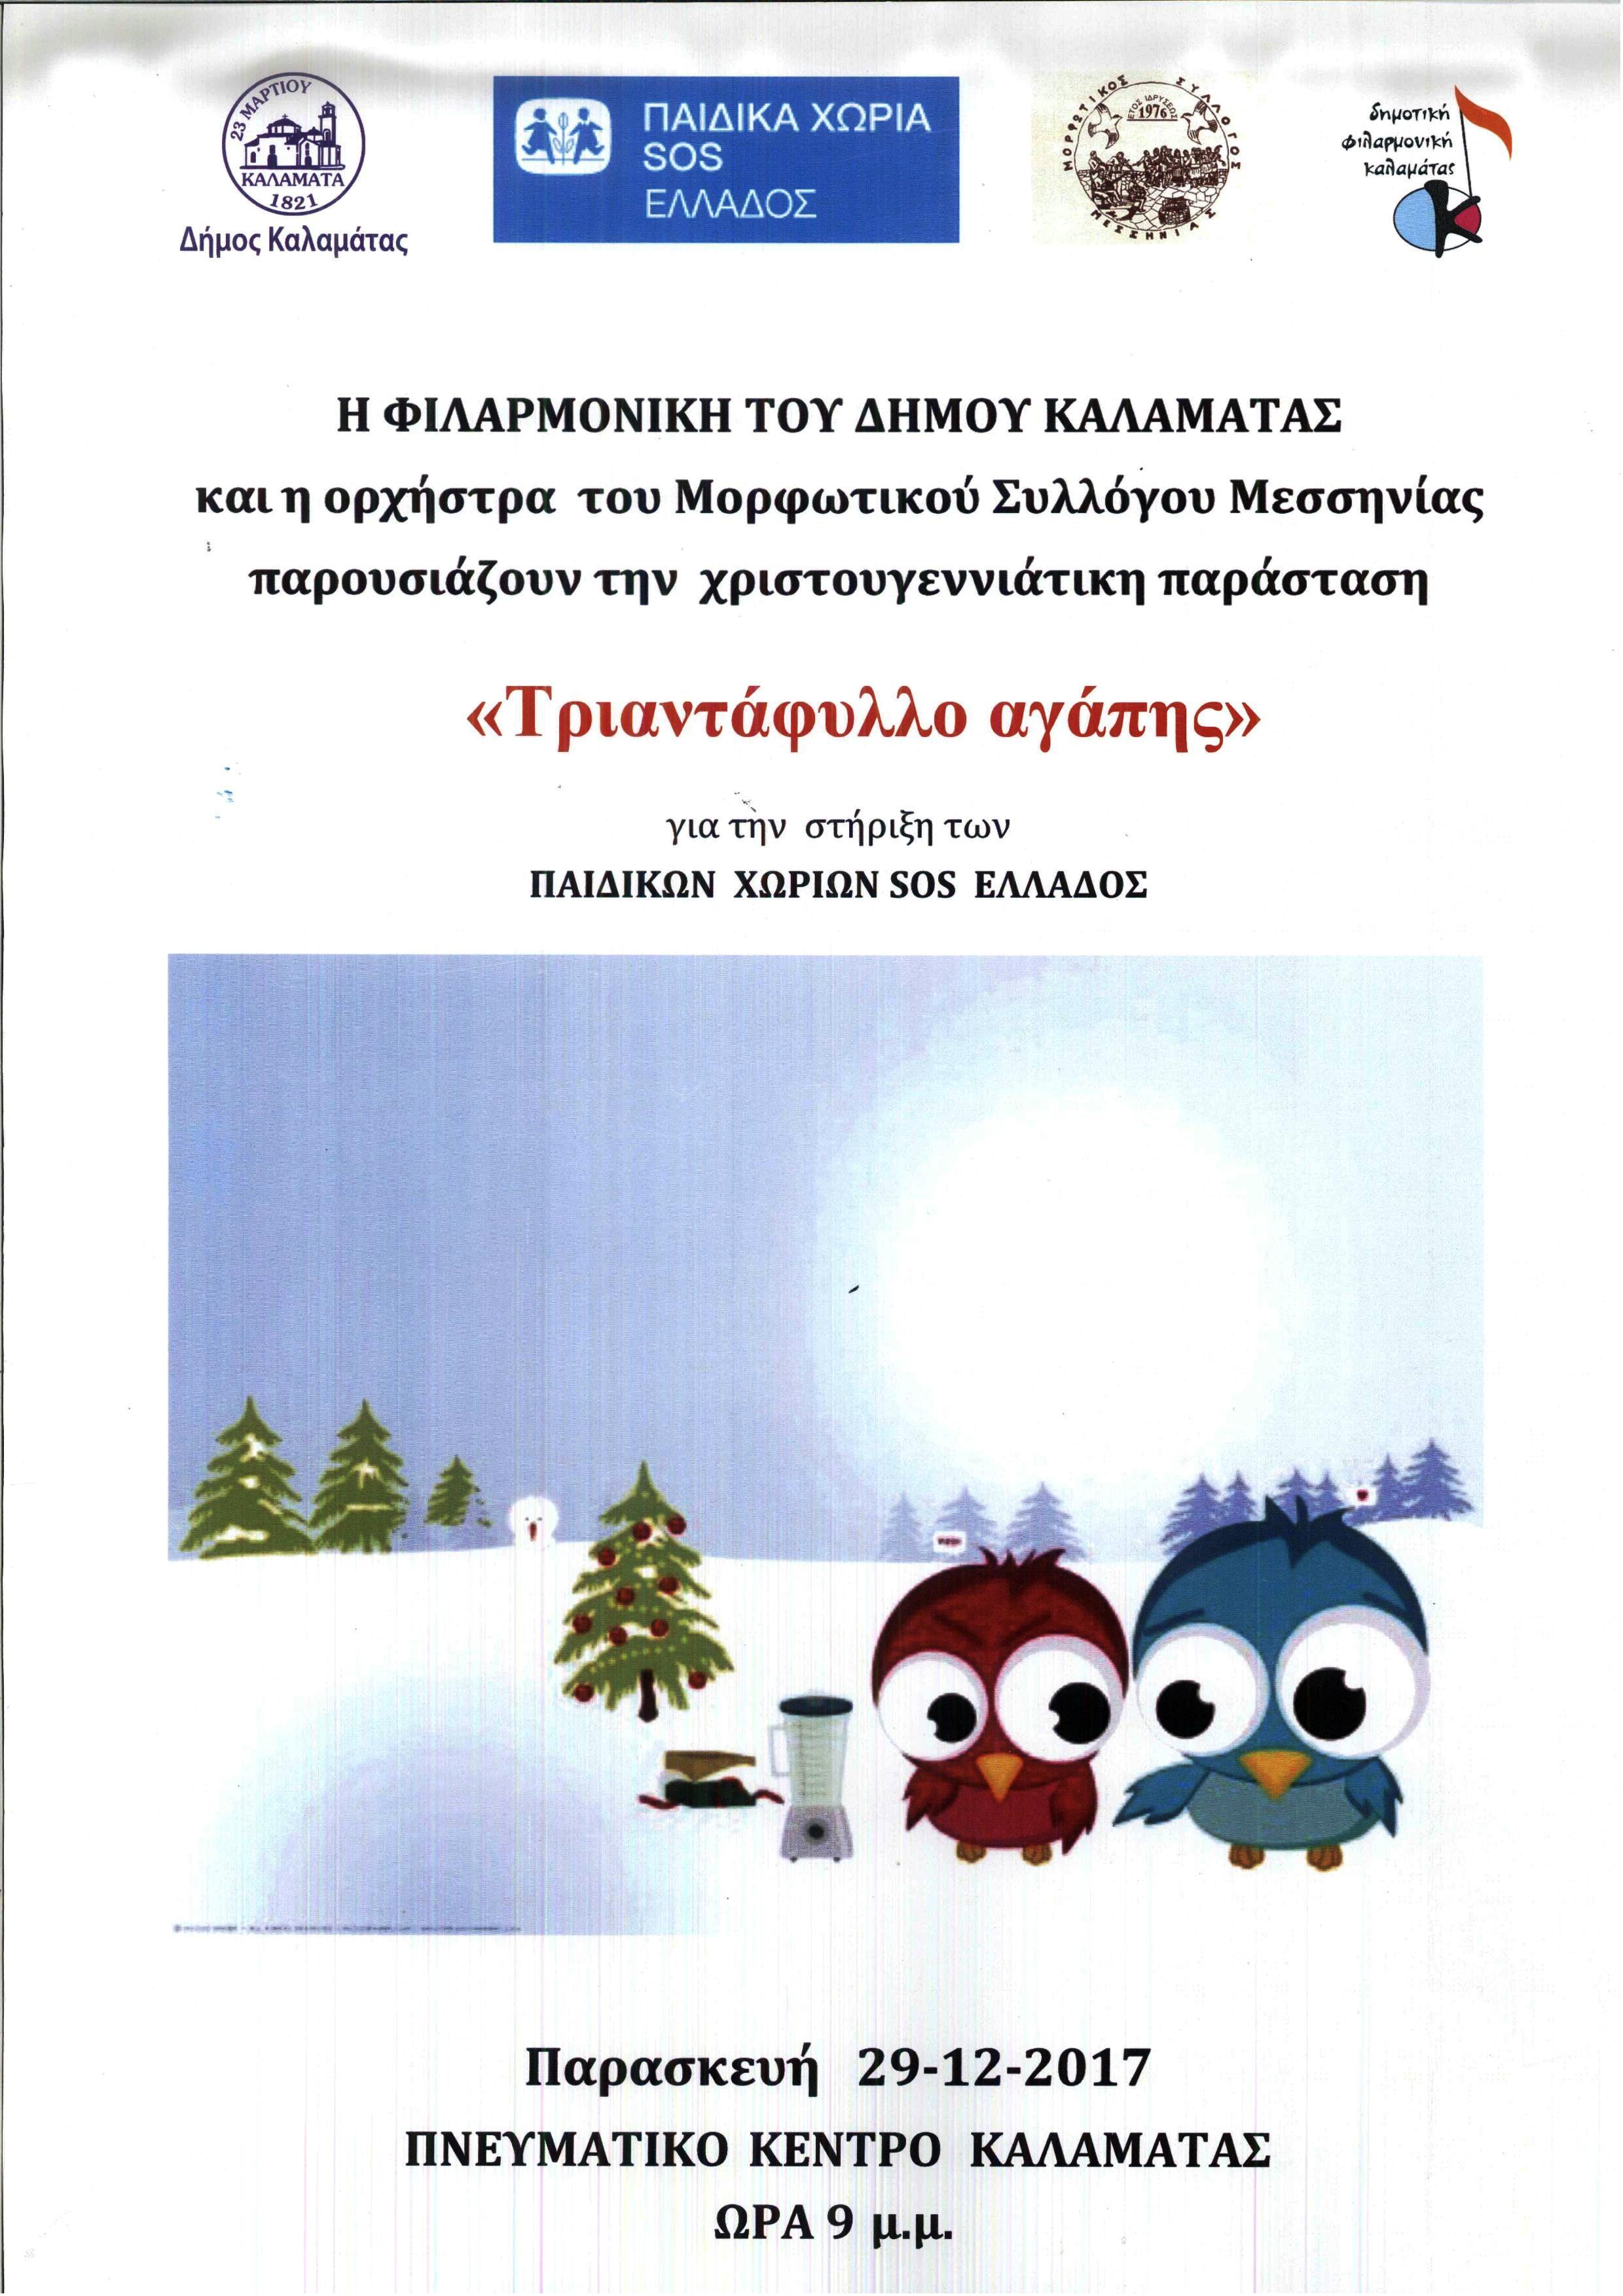 """Παιδικά χωριά SOS: Χριστουγεννιάτικη συναυλία απόψε με τίτλο """"τριαντάφυλλο αγάπης"""""""